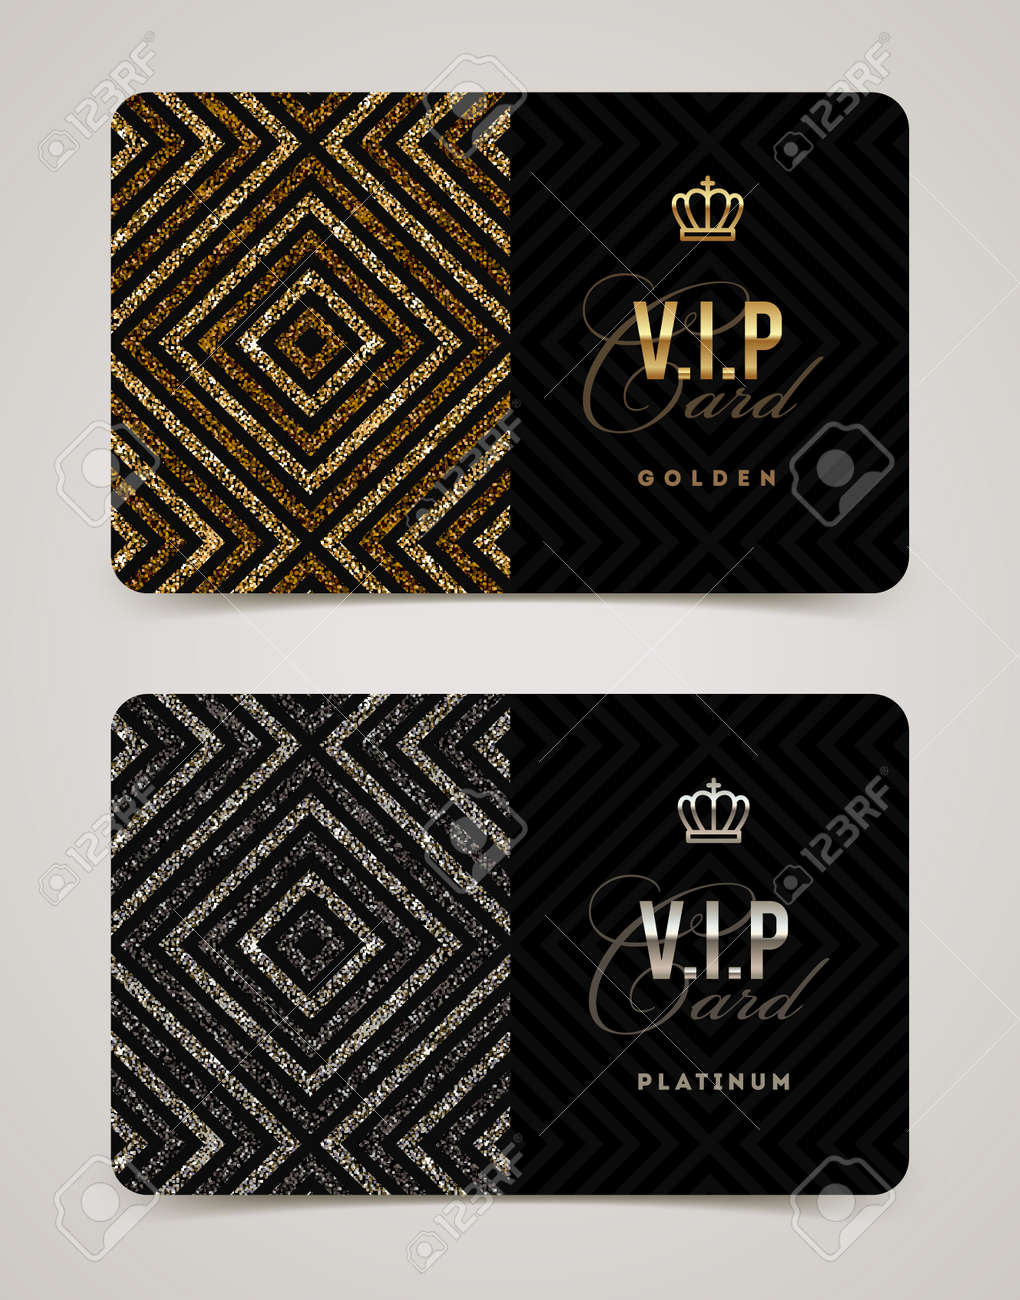 aa4c1c4bdeb37 Foto de archivo - Plantilla de oro y platino tarjeta VIP. Ilustración del  vector.